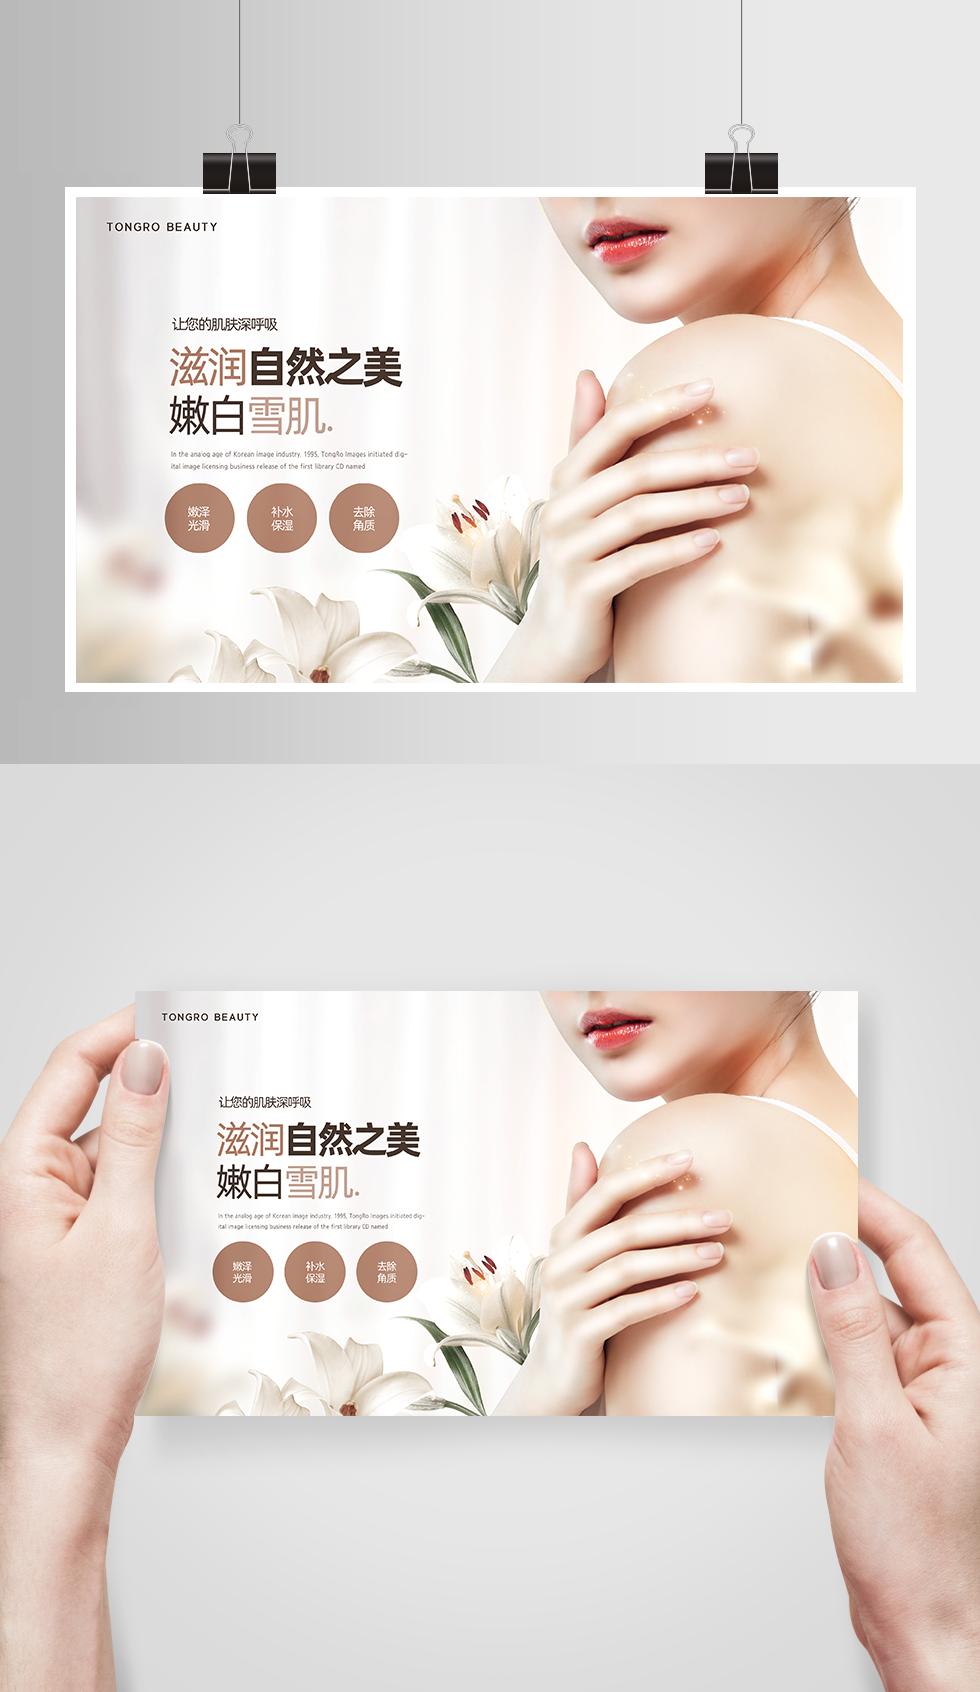 身体乳海报护肤品促销广告素材